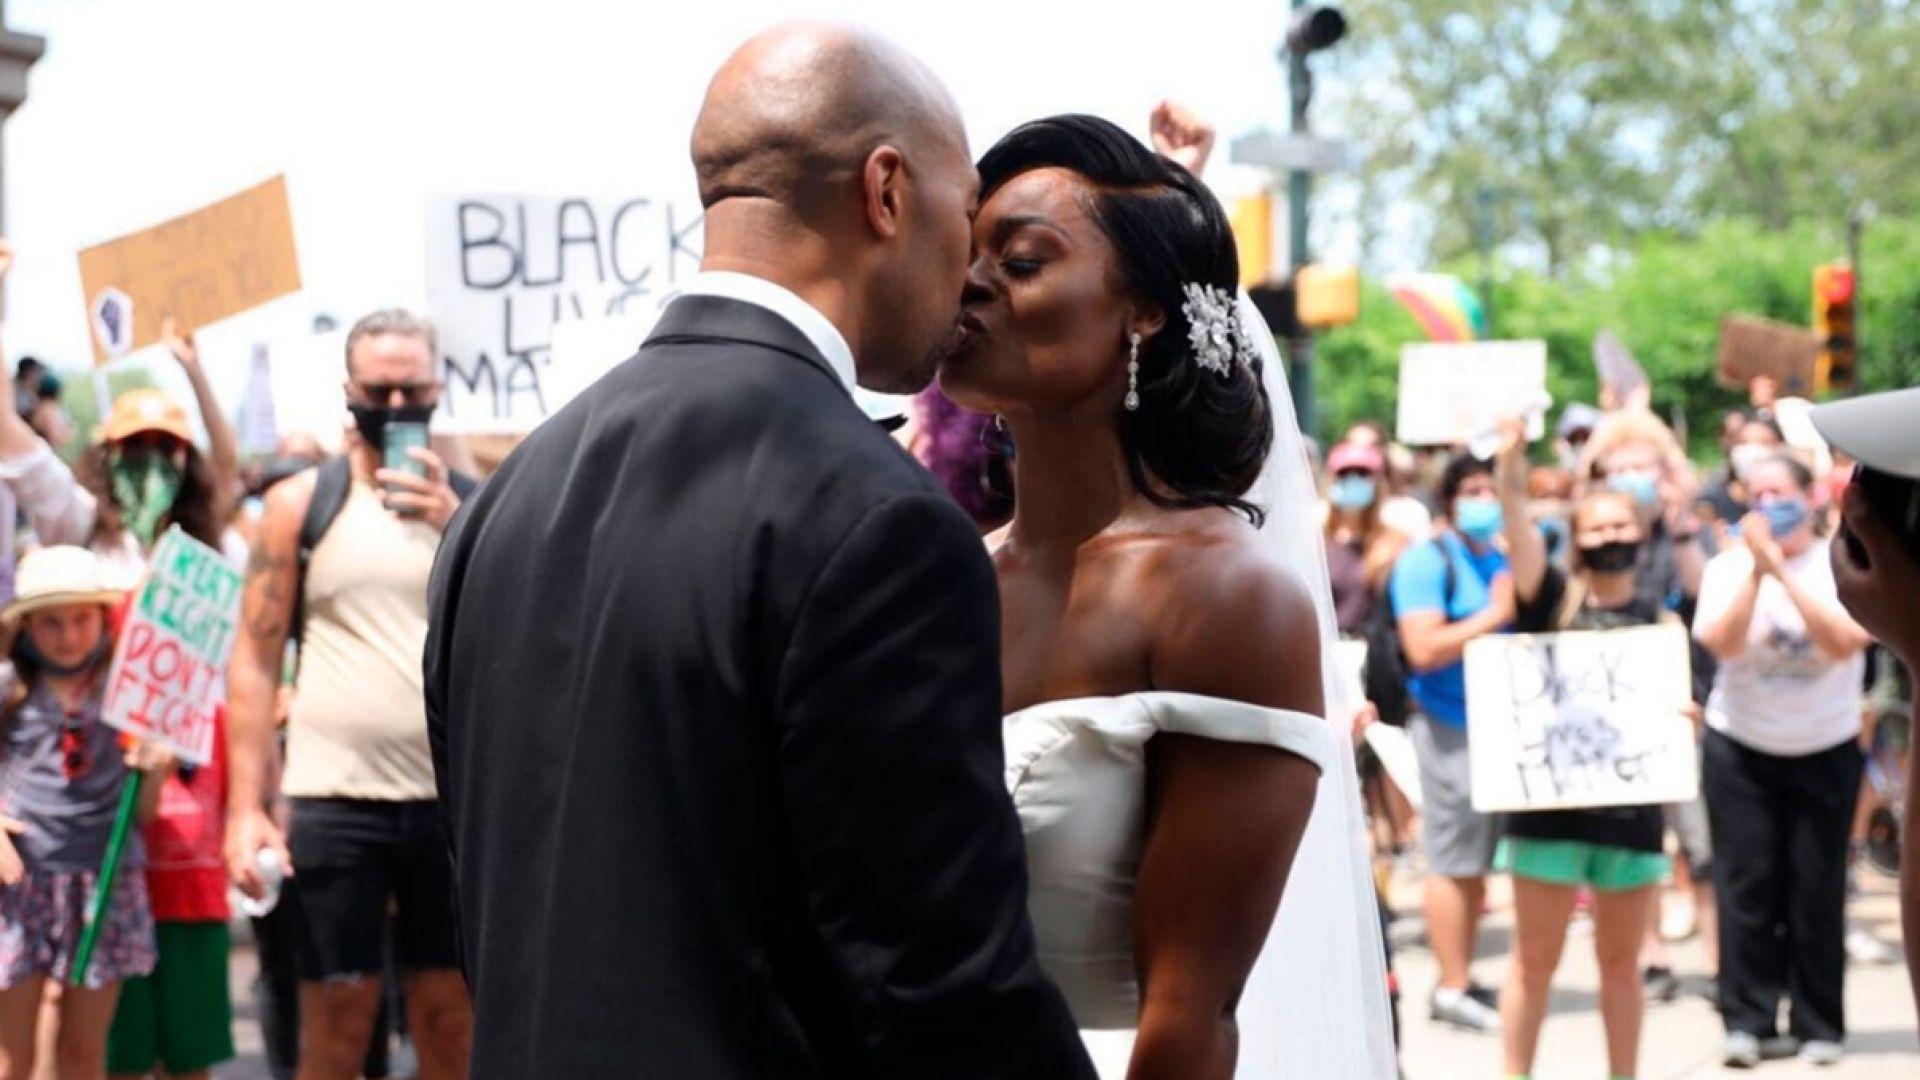 Младоженци отпразнуваха сватбата си на протест в памет на Джордж Флойд (видео)